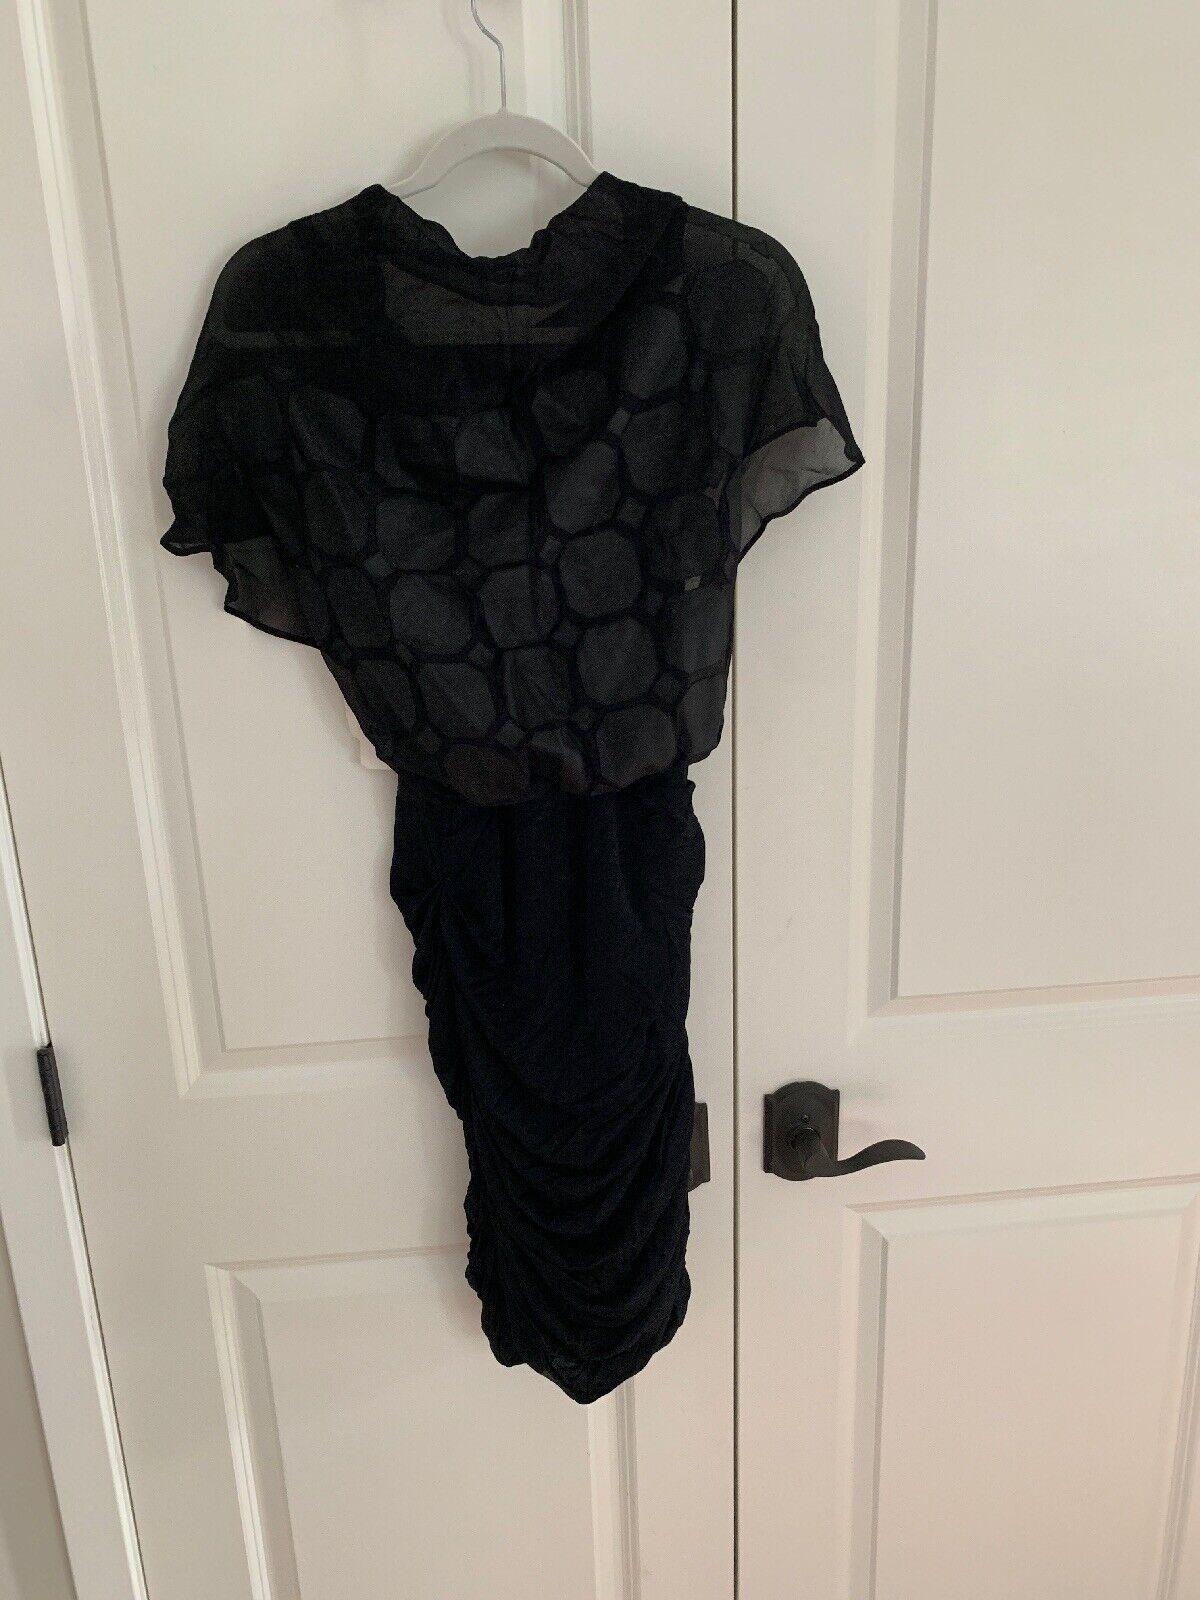 Yigal azrouel schwarz Dress 6 Retail  Stunning